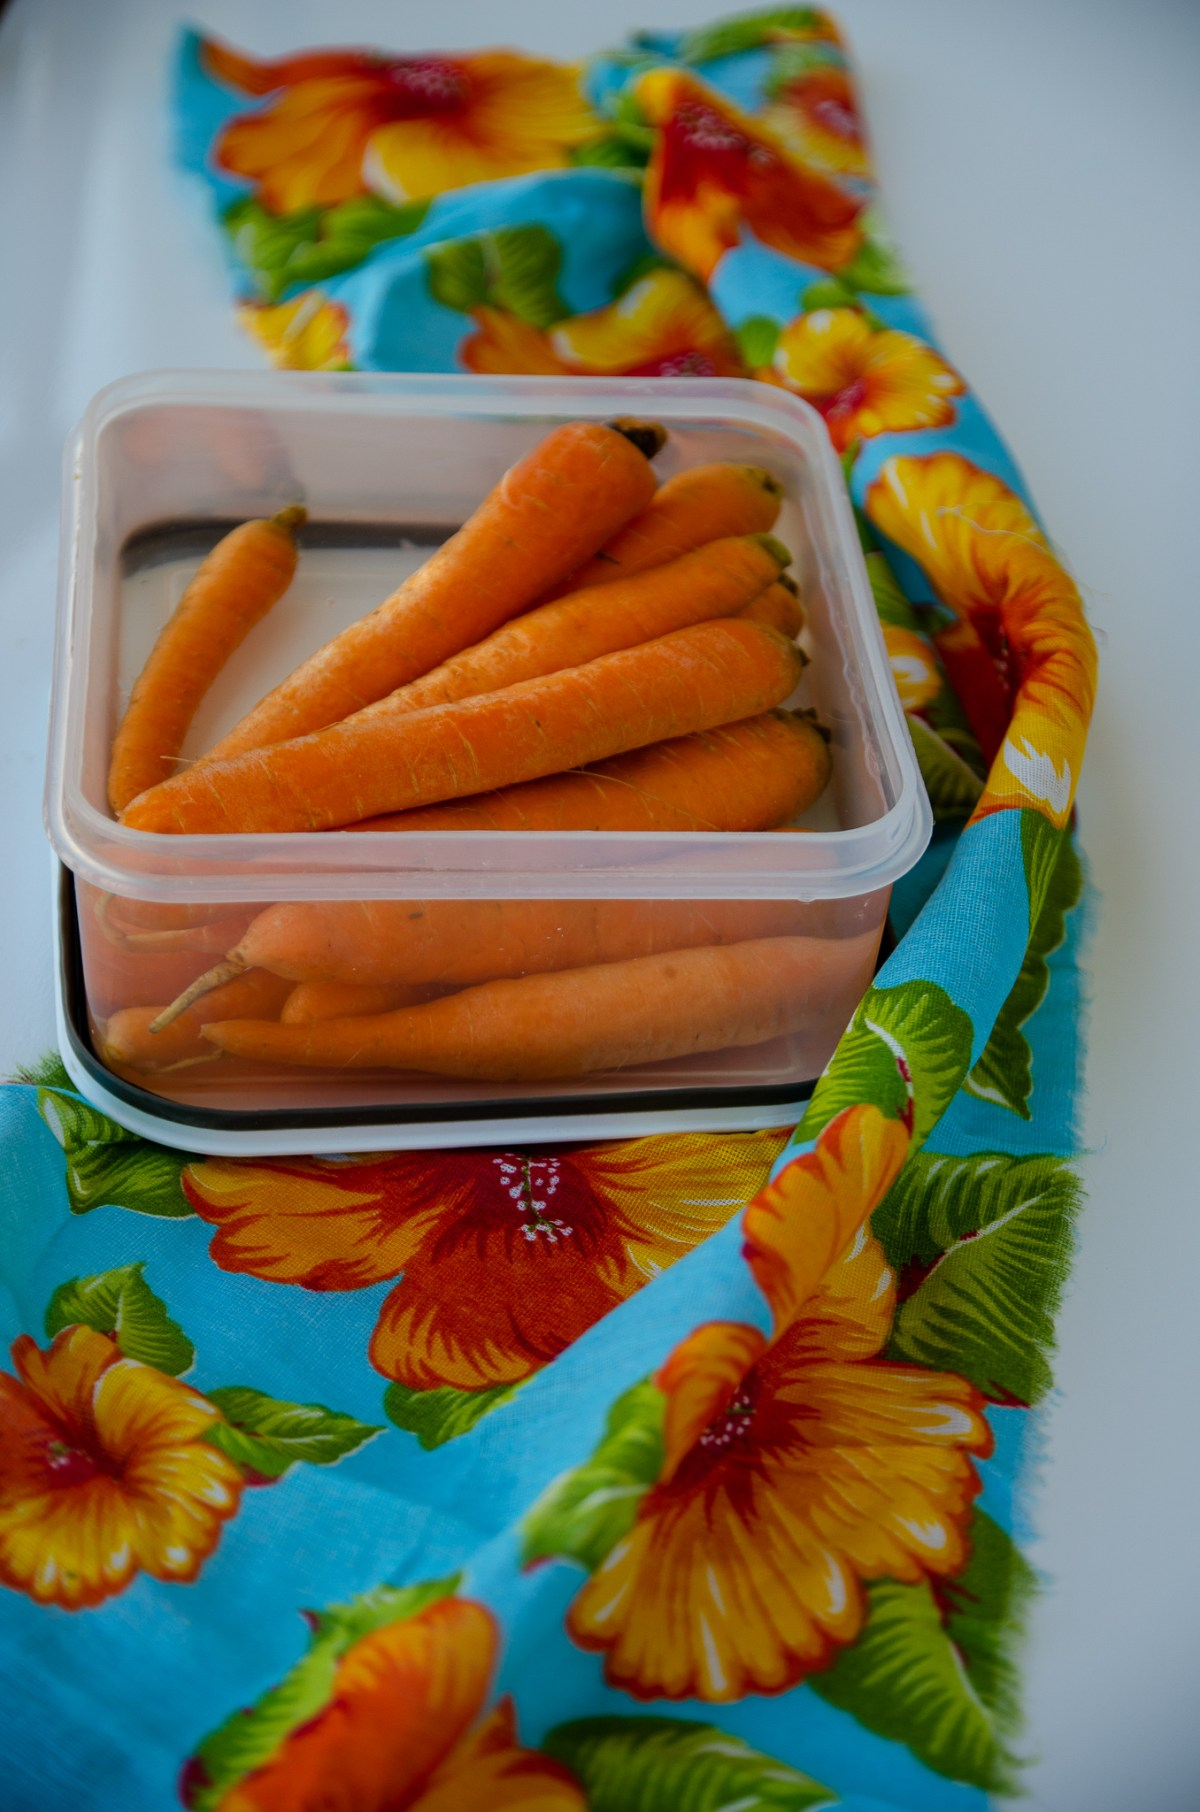 cenouras frescas submersas na água para conservar melhor, a vasilha com cenouras cobertas por água esta sobre um pano florido azul e amarelo